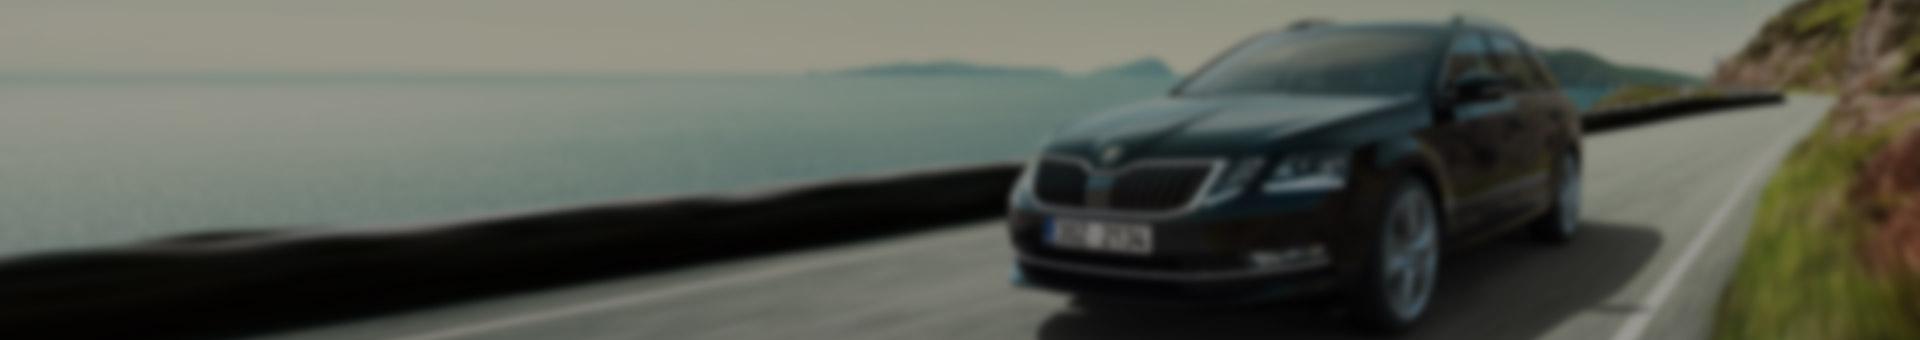 Nejnovější modely vozů Škoda